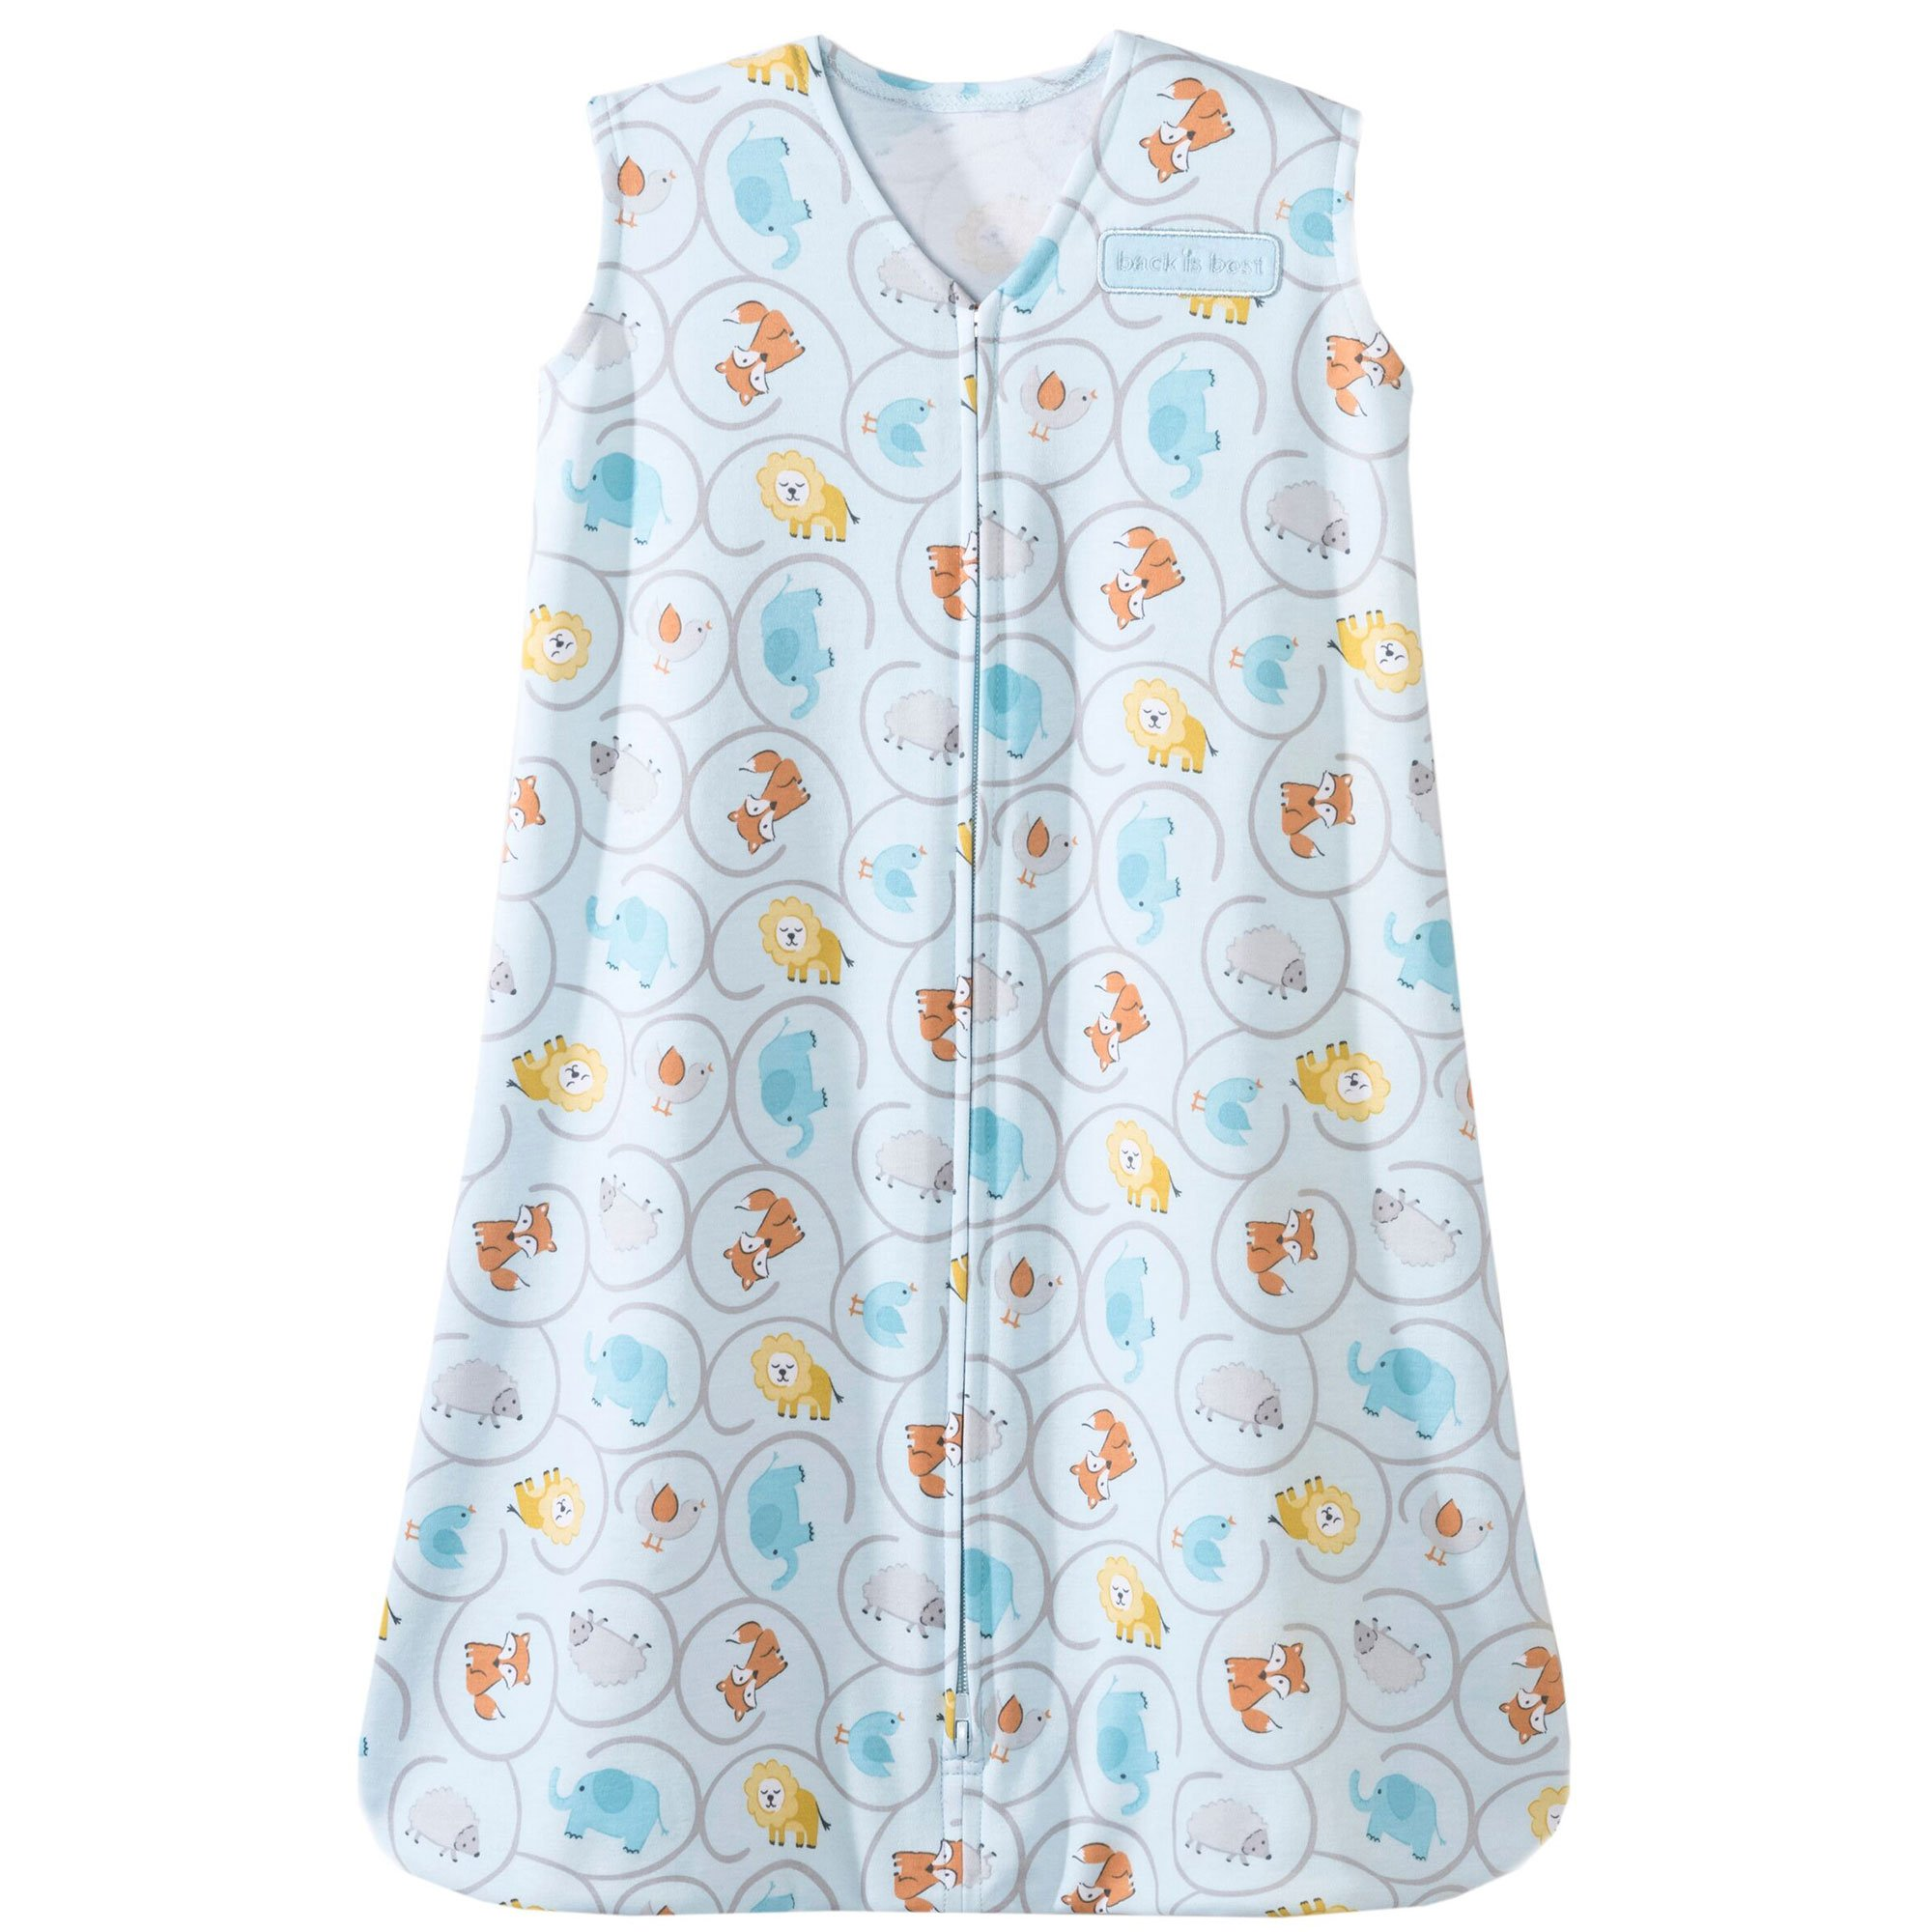 Halo Sleepsack Cotton Wearable Blanket, Animal Swirl Print, Small